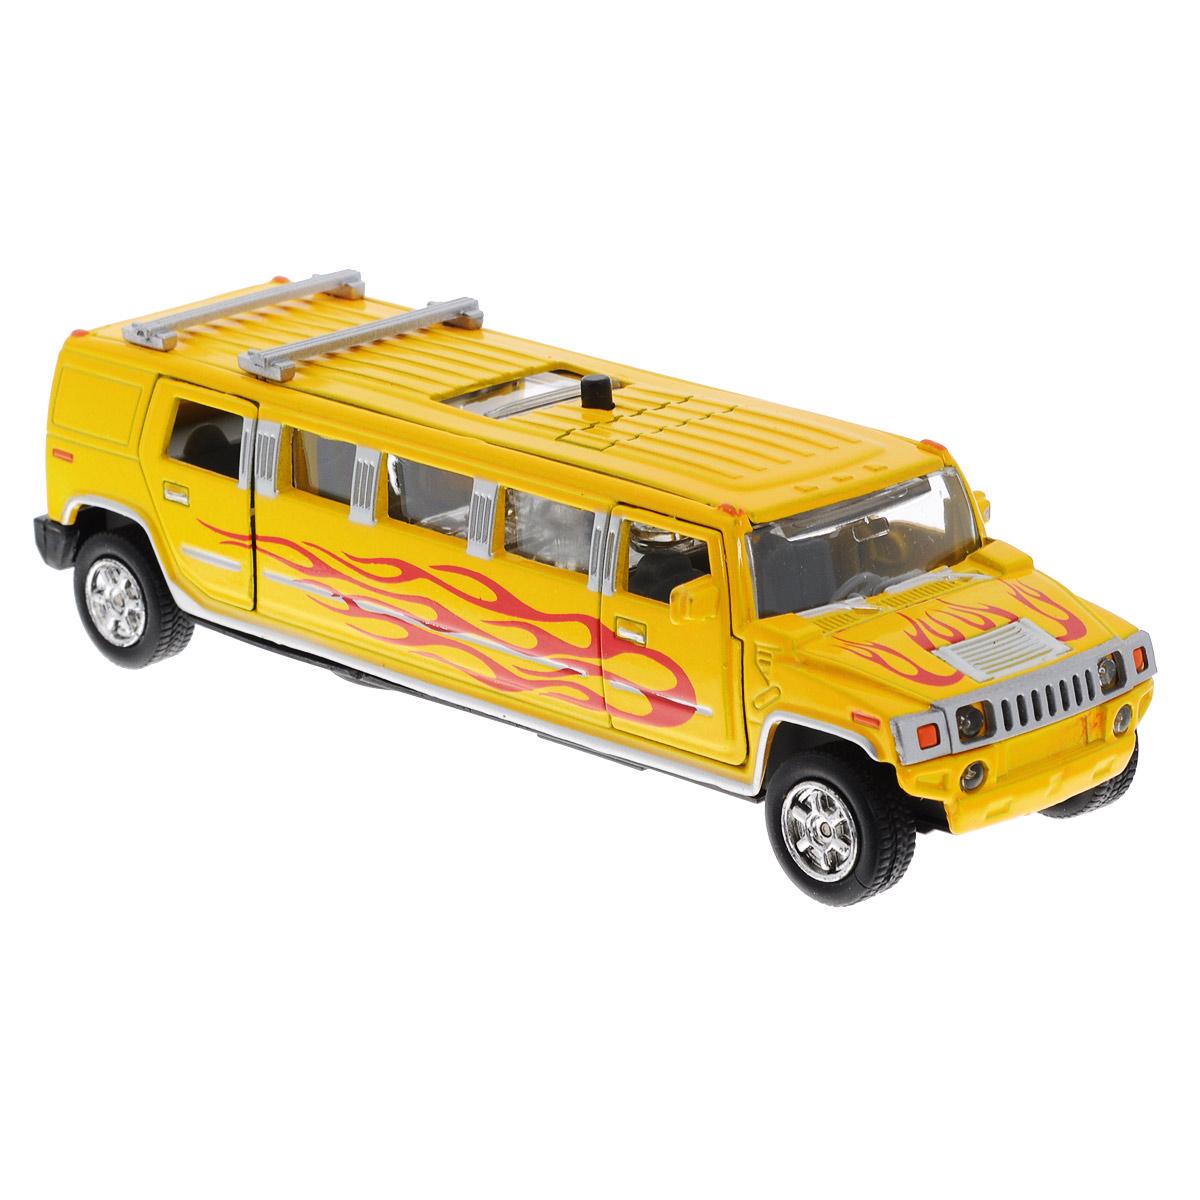 Машинка инерционная ТехноПарк Лимузин, цвет: желтыйCT10-051-2Машинка ТехноПарк Лимузин, выполненная из пластика и металла в виде лимузина, станет любимой игрушкой вашего малыша. Передние и задние двери машины, а также люк открываются; колеса прорезинены. При нажатии кнопки на крыше лимузина салон начинает подсвечиваться и воспроизводится веселая мелодия или характерные для машинки звуки. Игрушка оснащена инерционным ходом. Машинку необходимо отвести назад, затем отпустить - и она быстро поедет вперед. Ваш ребенок будет часами играть с этой игрушкой, придумывая различные истории. Порадуйте его таким замечательным подарком! Машинка работает от батареек (товар комплектуется демонстрационными).